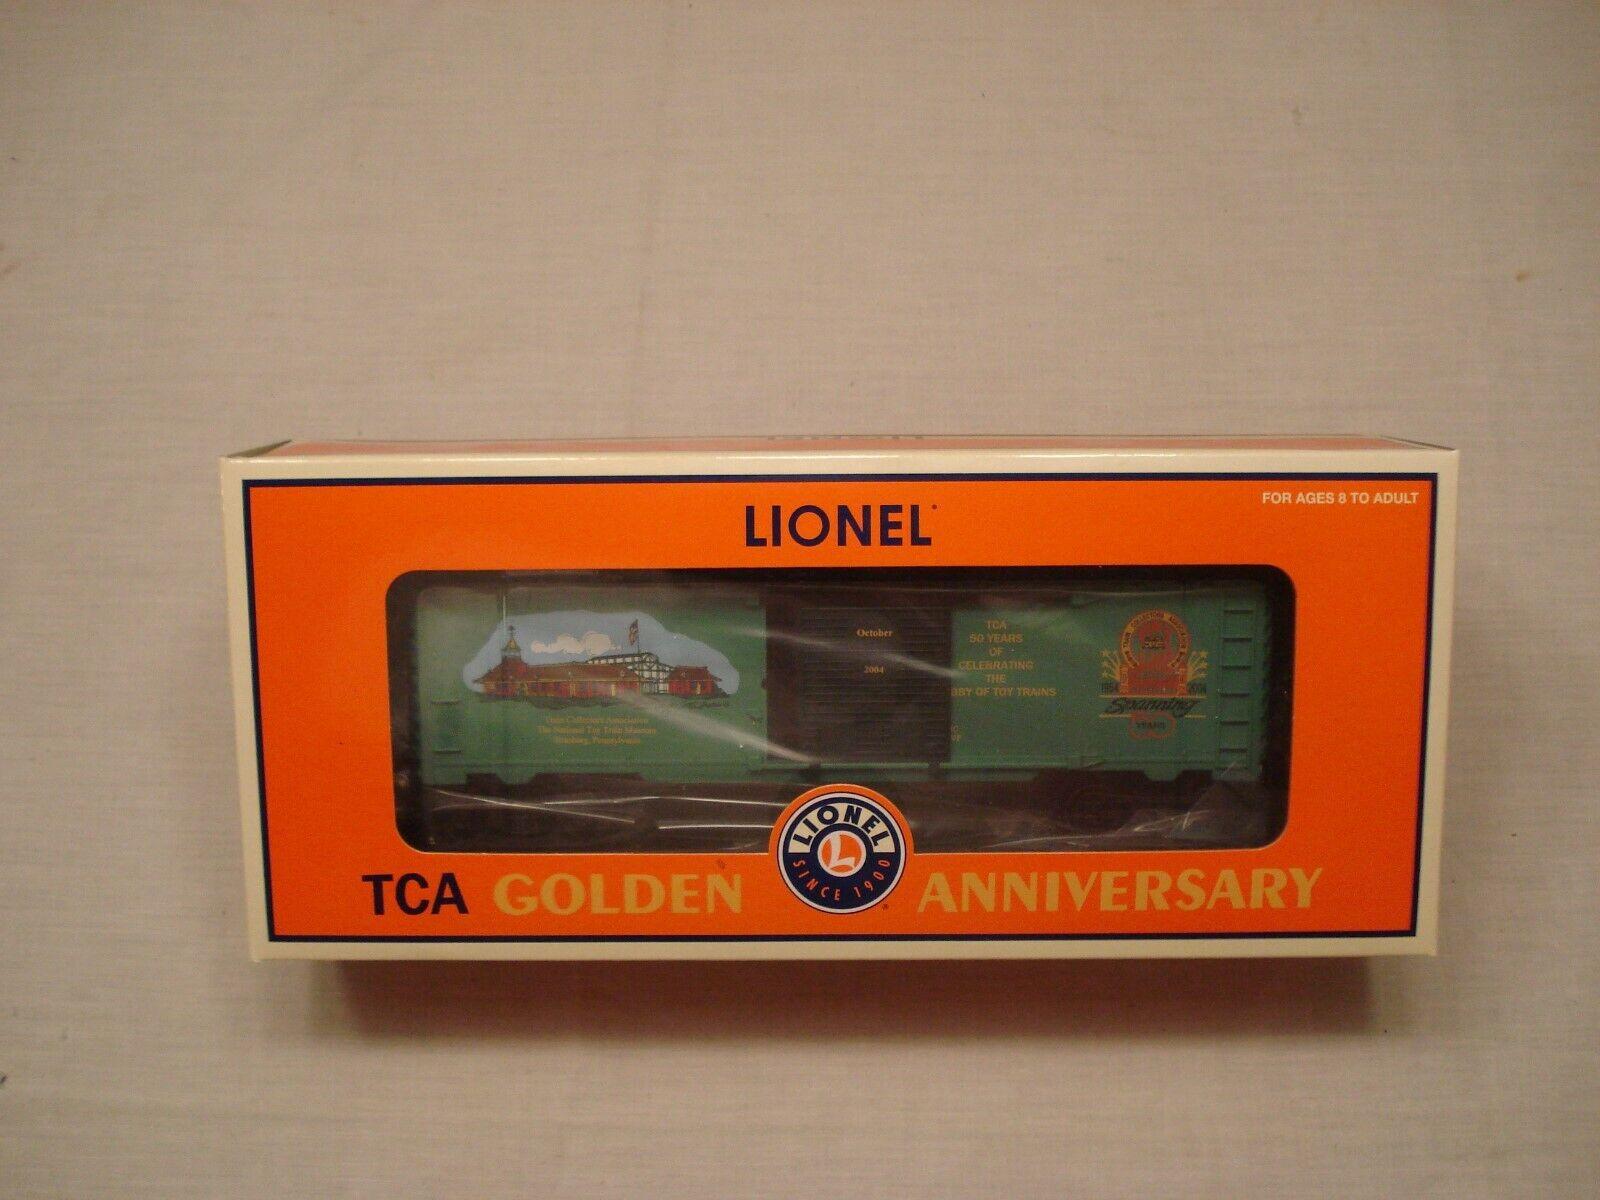 2004 TCA Lionel 6-52361 oroen Anniversary Museum scatola scatola scatola auto – NIOB 391c8b